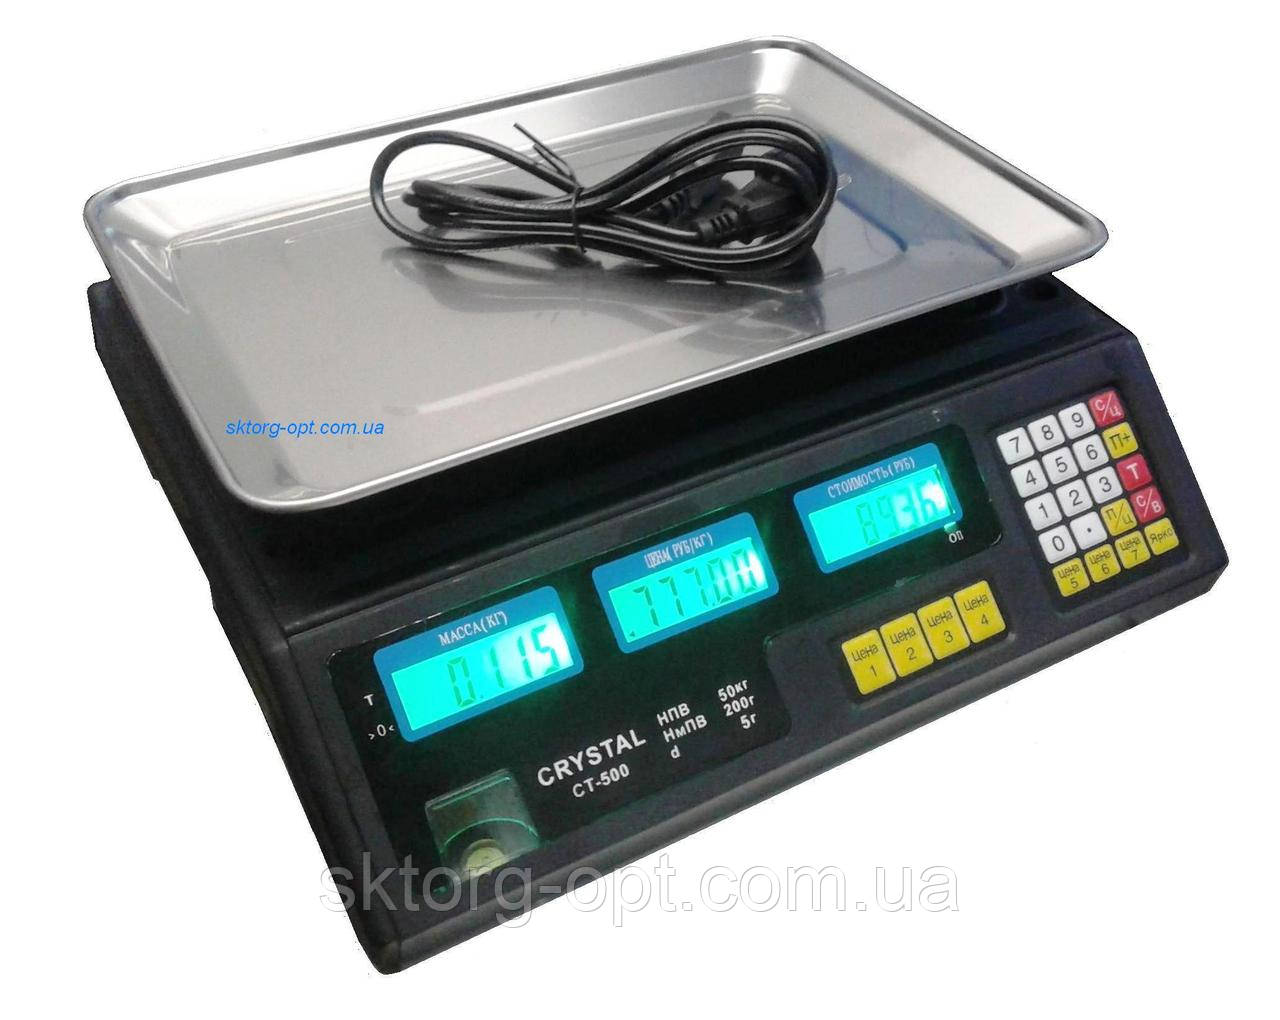 Торговые весы Cristal CT-500 до 50 кг